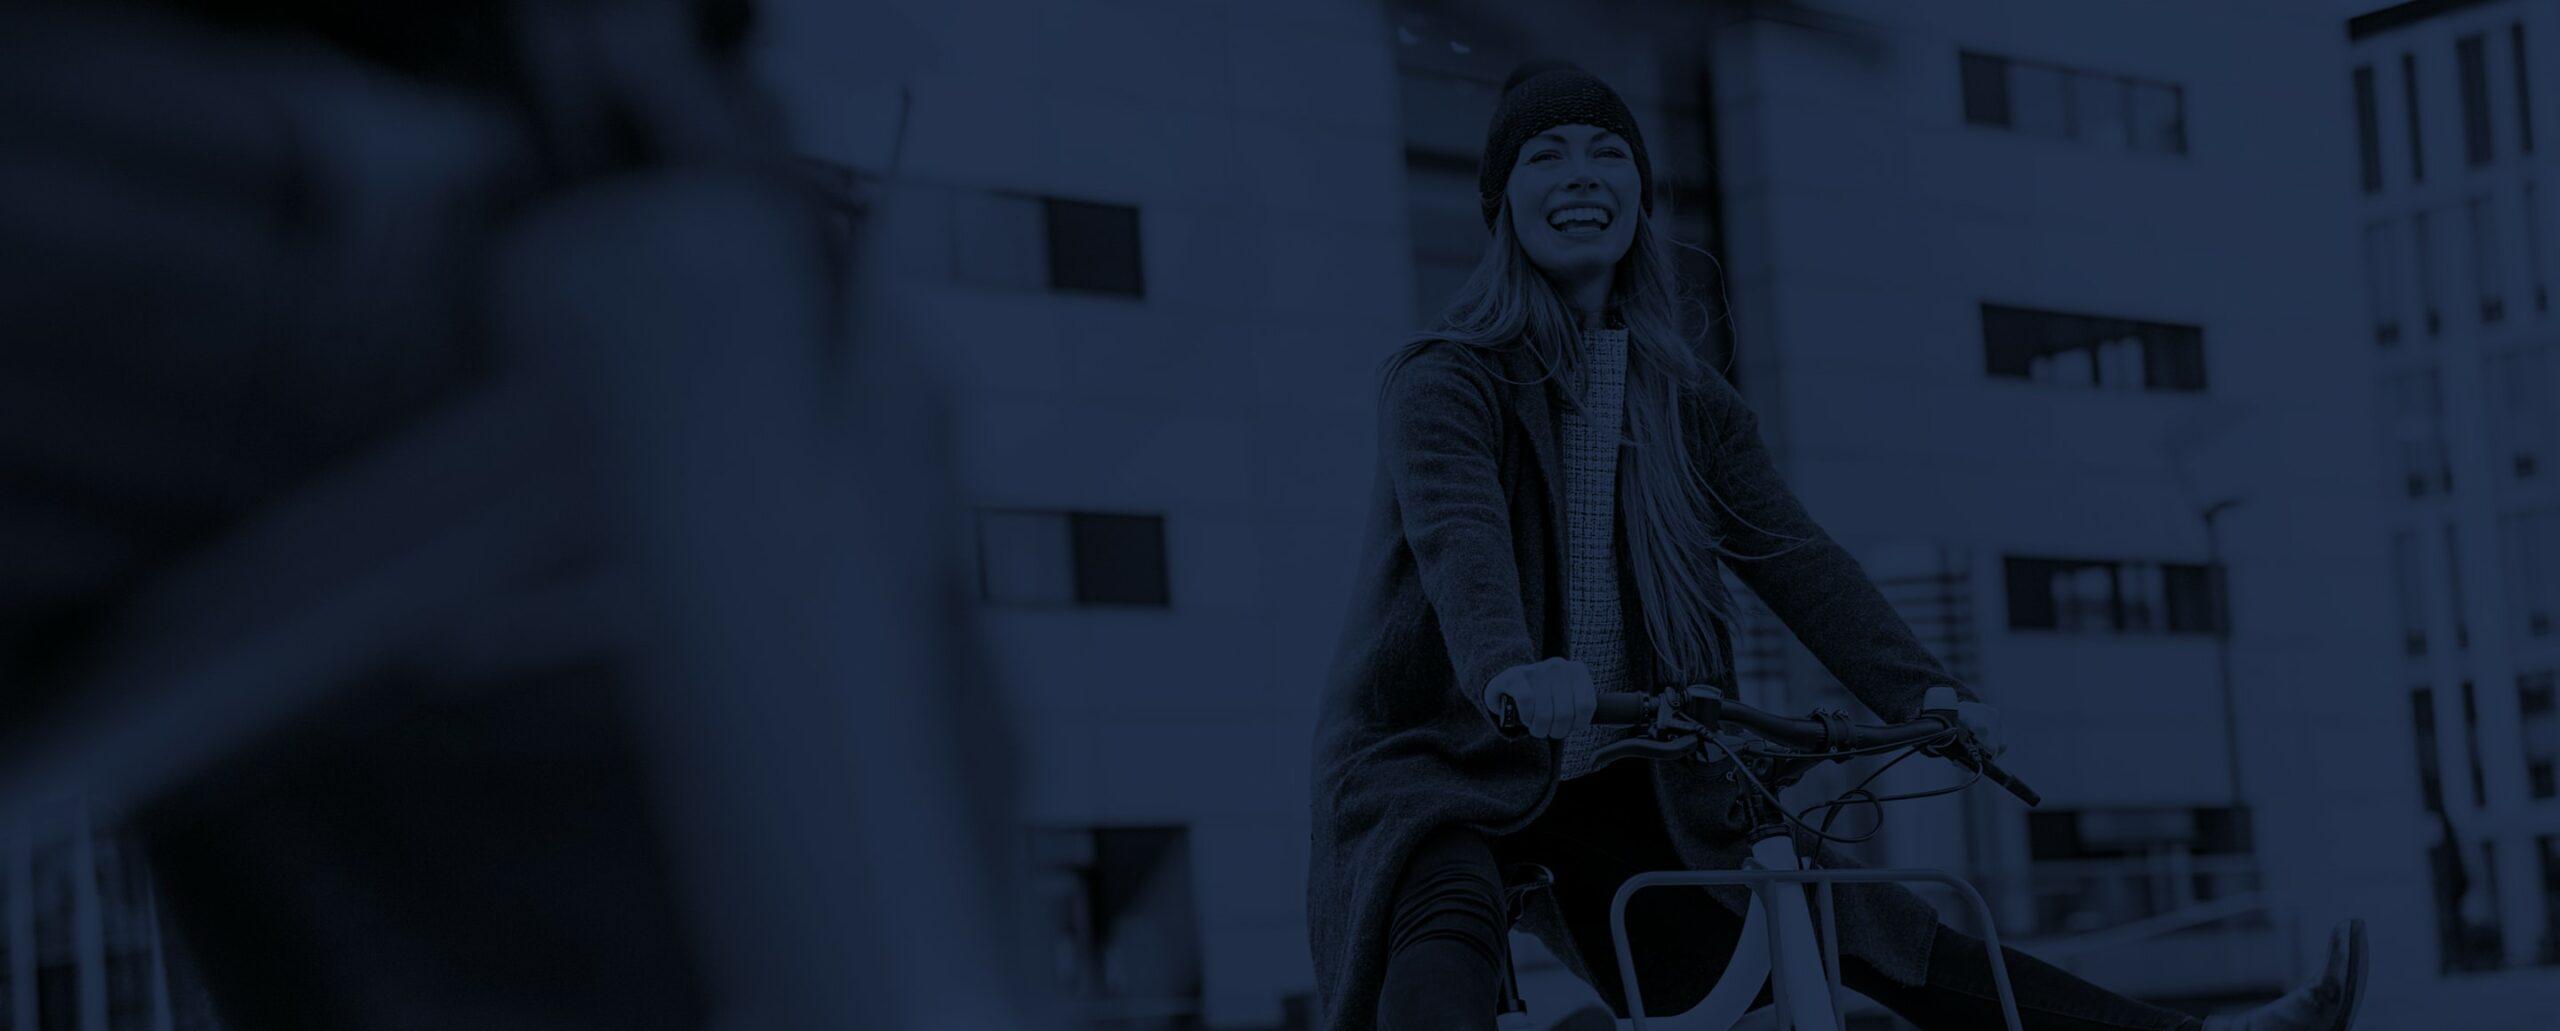 Eine Fahrradfahrerin hebt die Beine vom Fahrrad hoch und lacht in die Kamera.